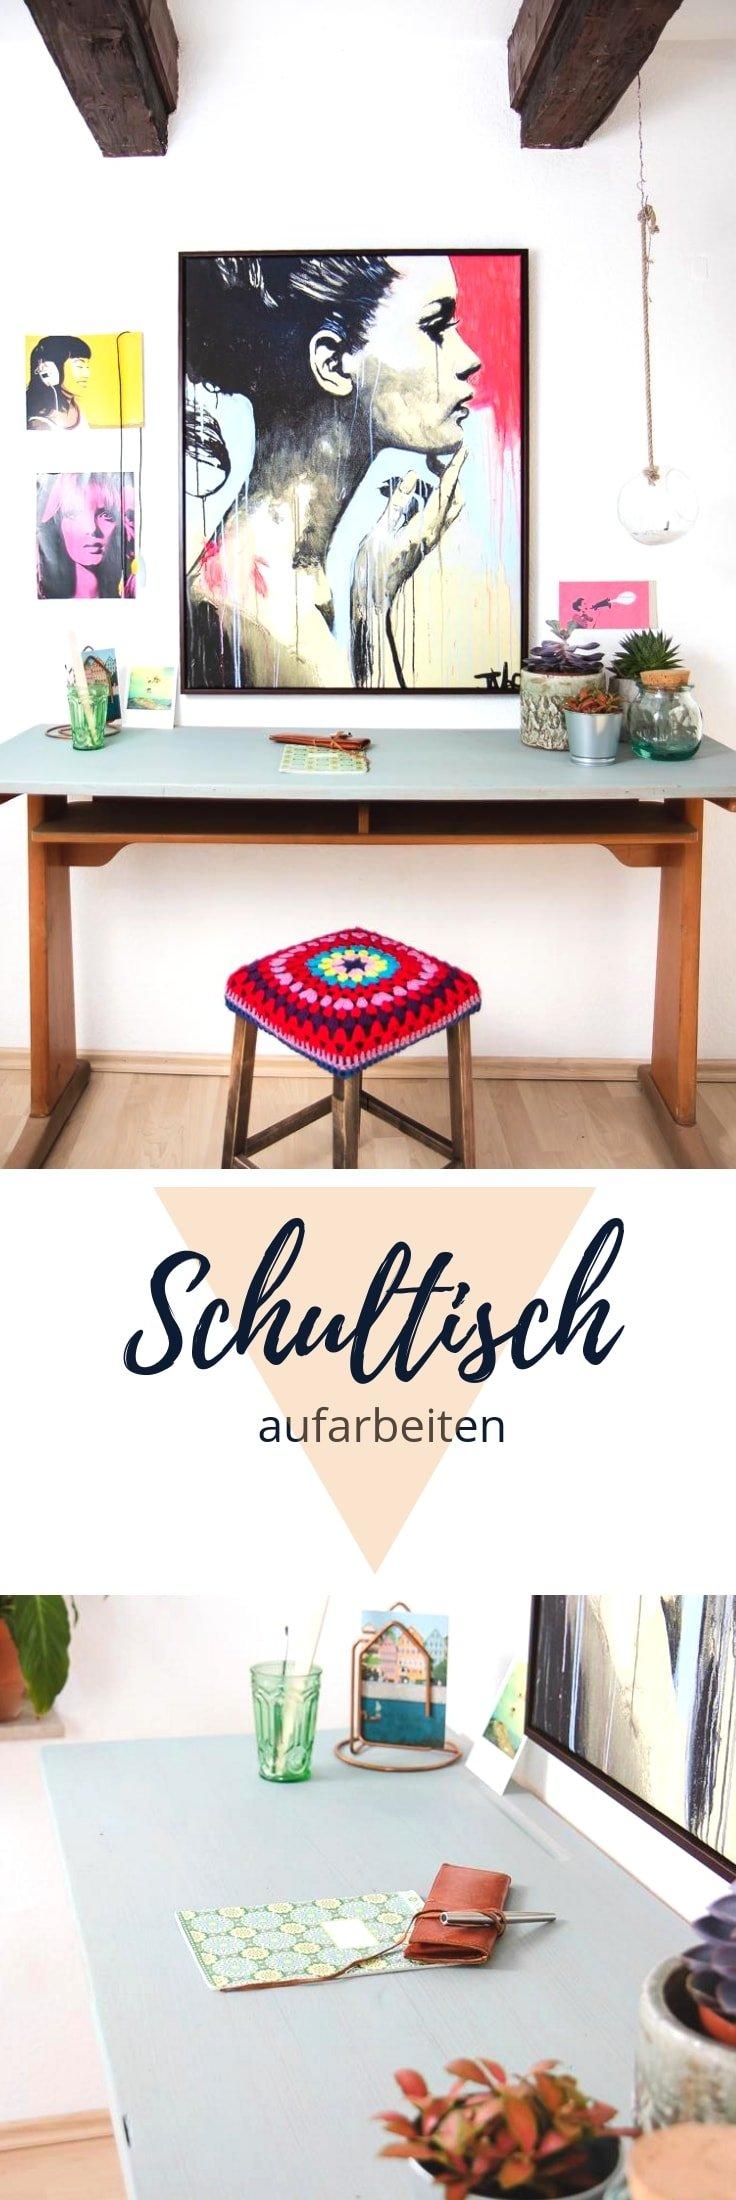 Alten Holztisch Aufarbeiten Schone Aussichten Mit Posterlounge Blog